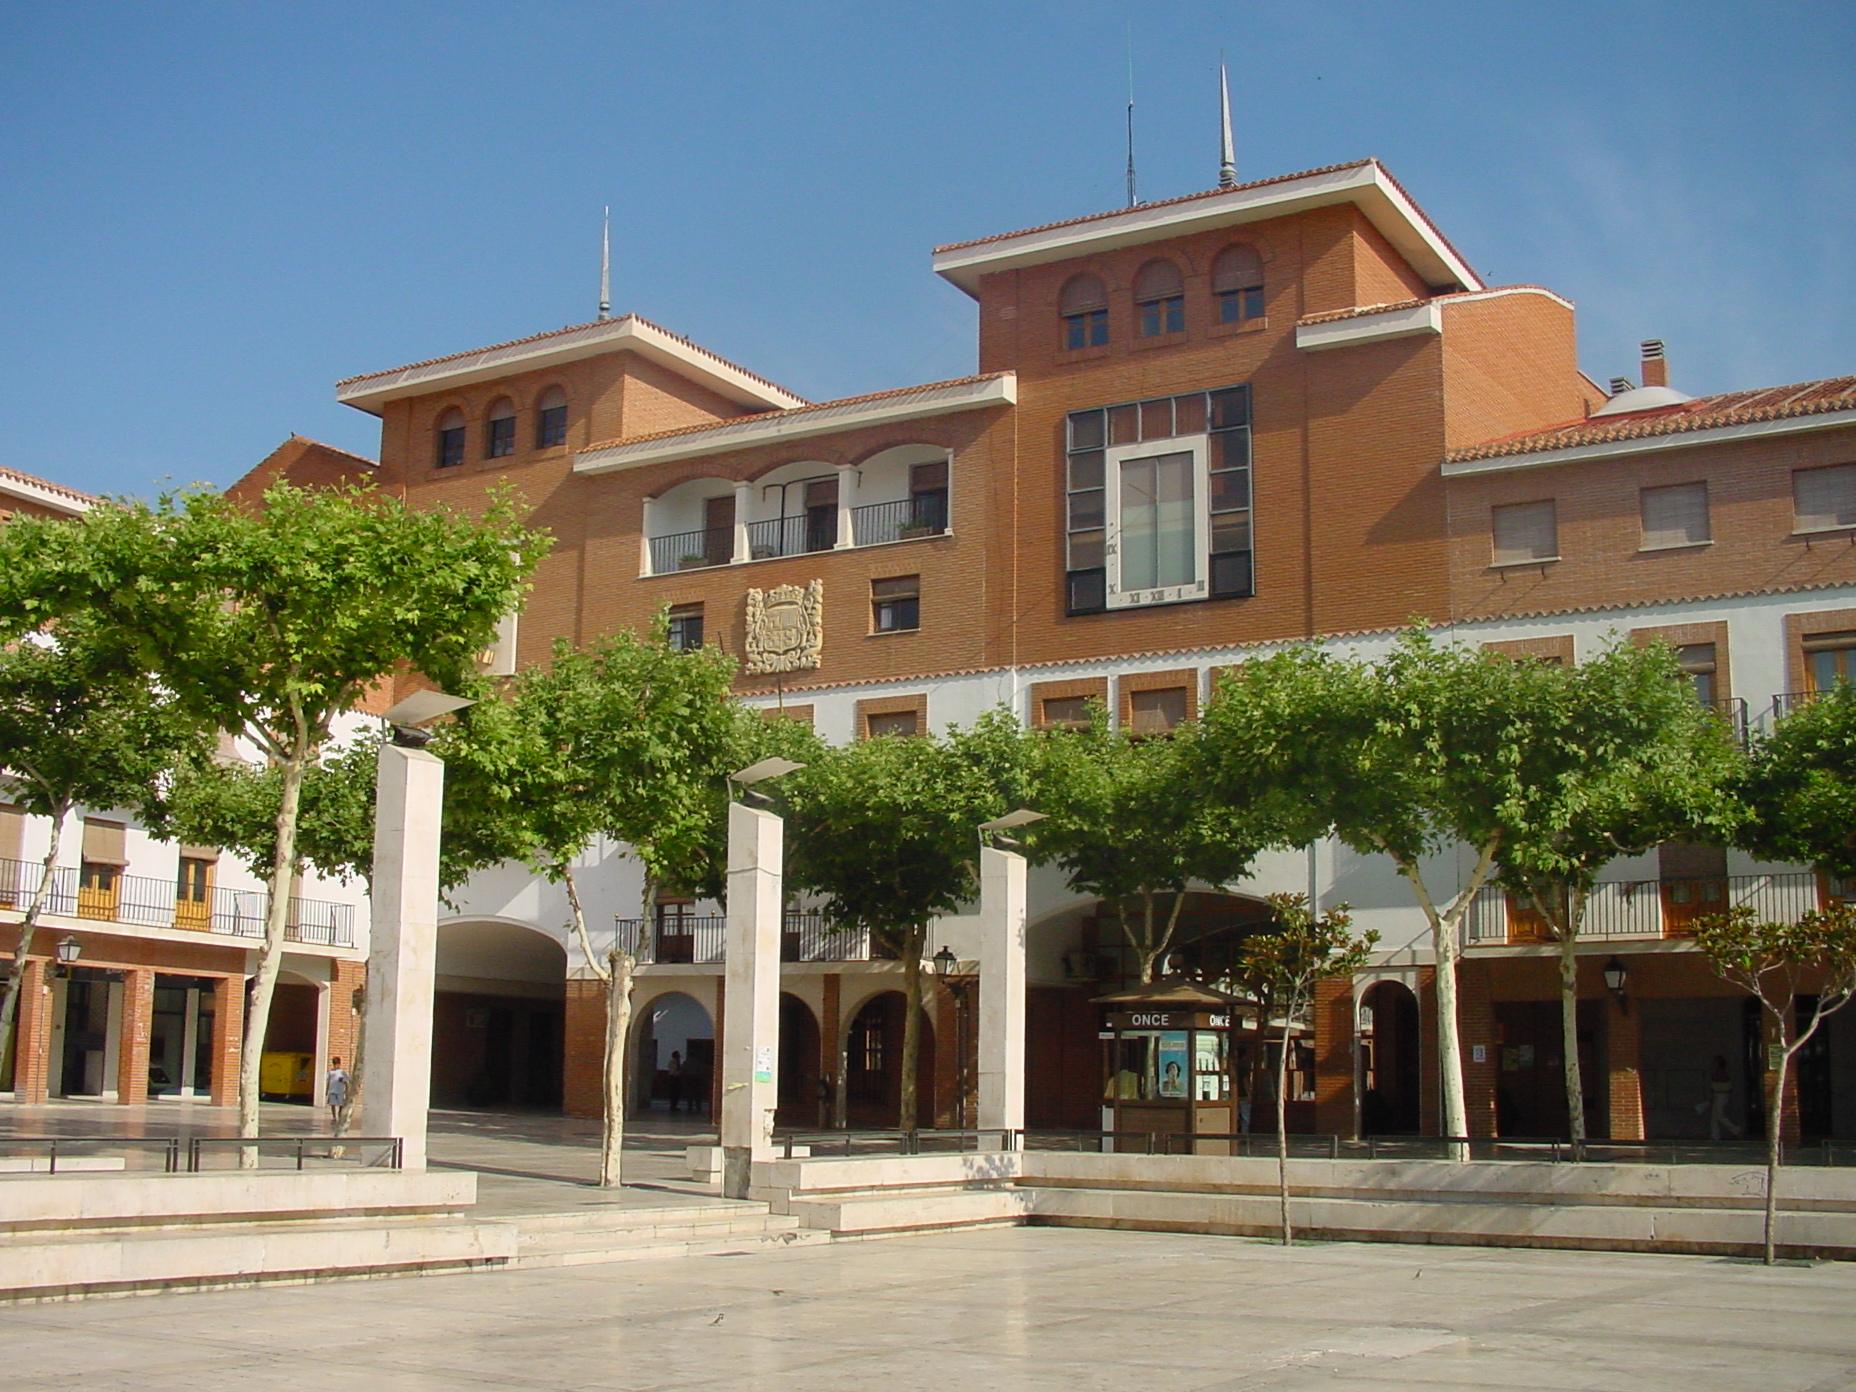 Parque y edificio en Torrejón de Ardoz